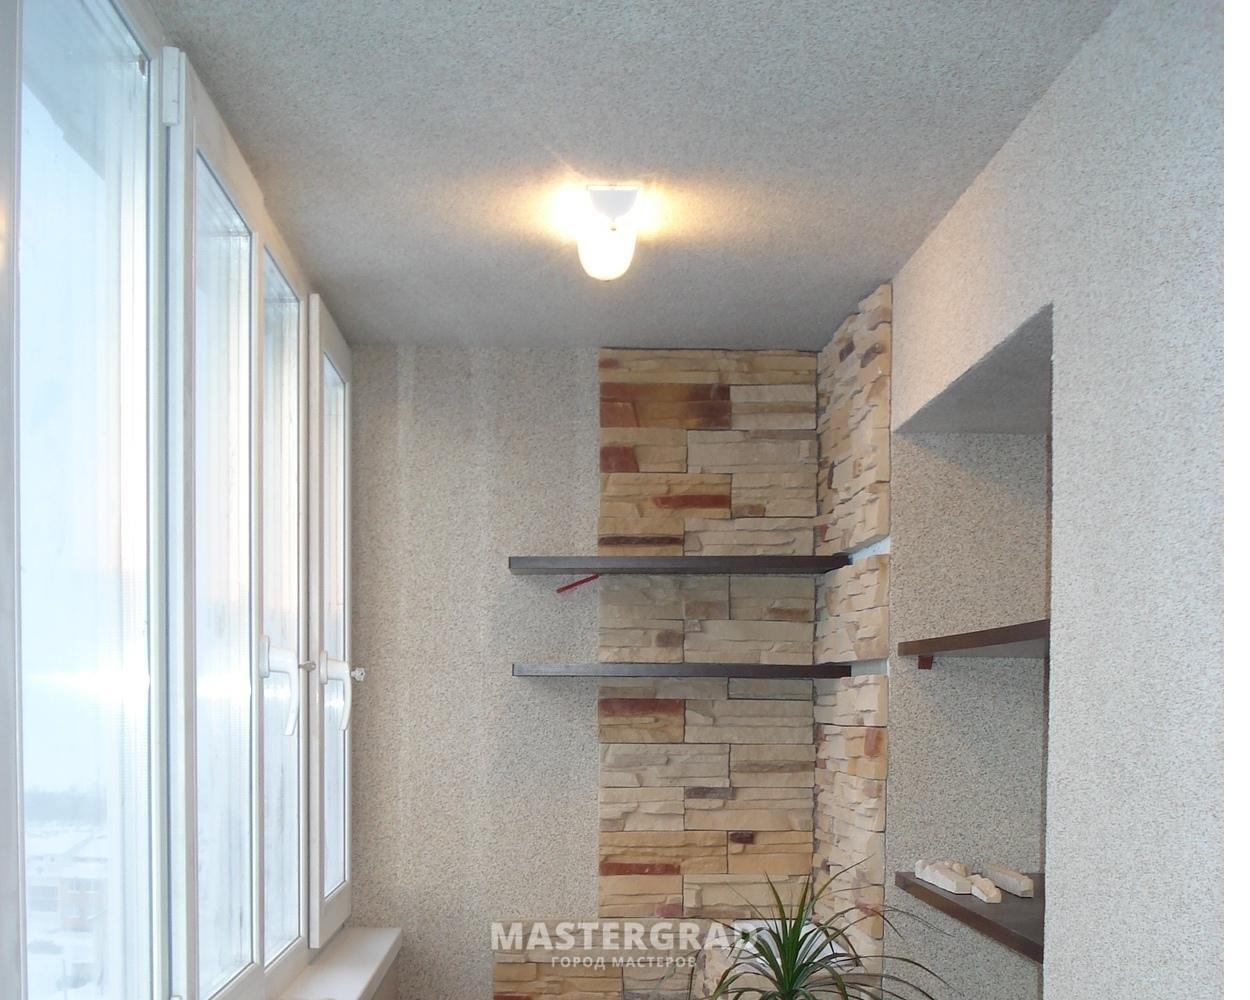 Присоединение (объединение) и утепление балкона-лоджии - фот.